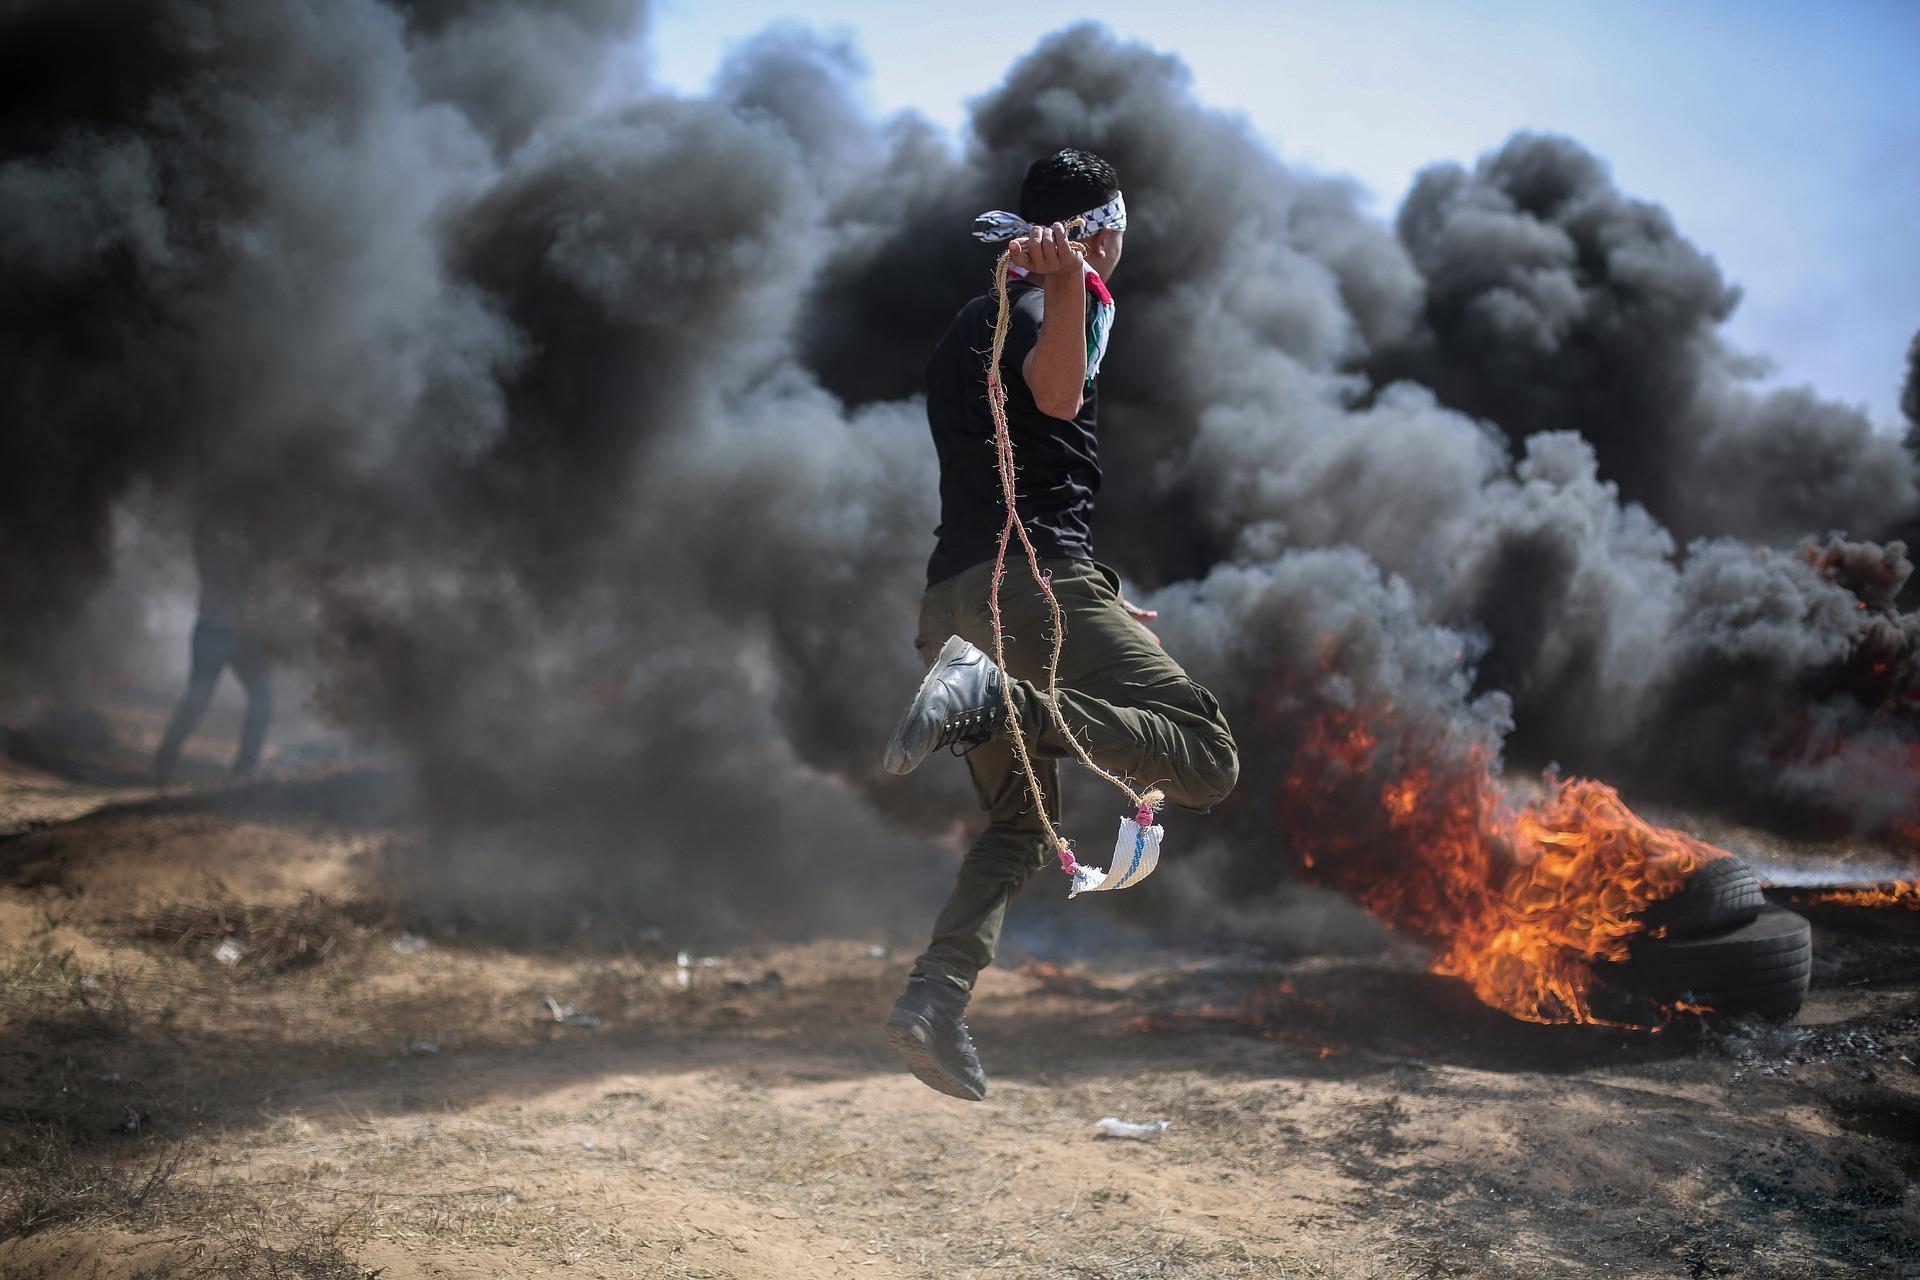 Los palestinos continúan rechazando cualquier acuerdo con Israel – Por Teniente Coronel (ret.) Dr. Shaul Bartal (BESA)